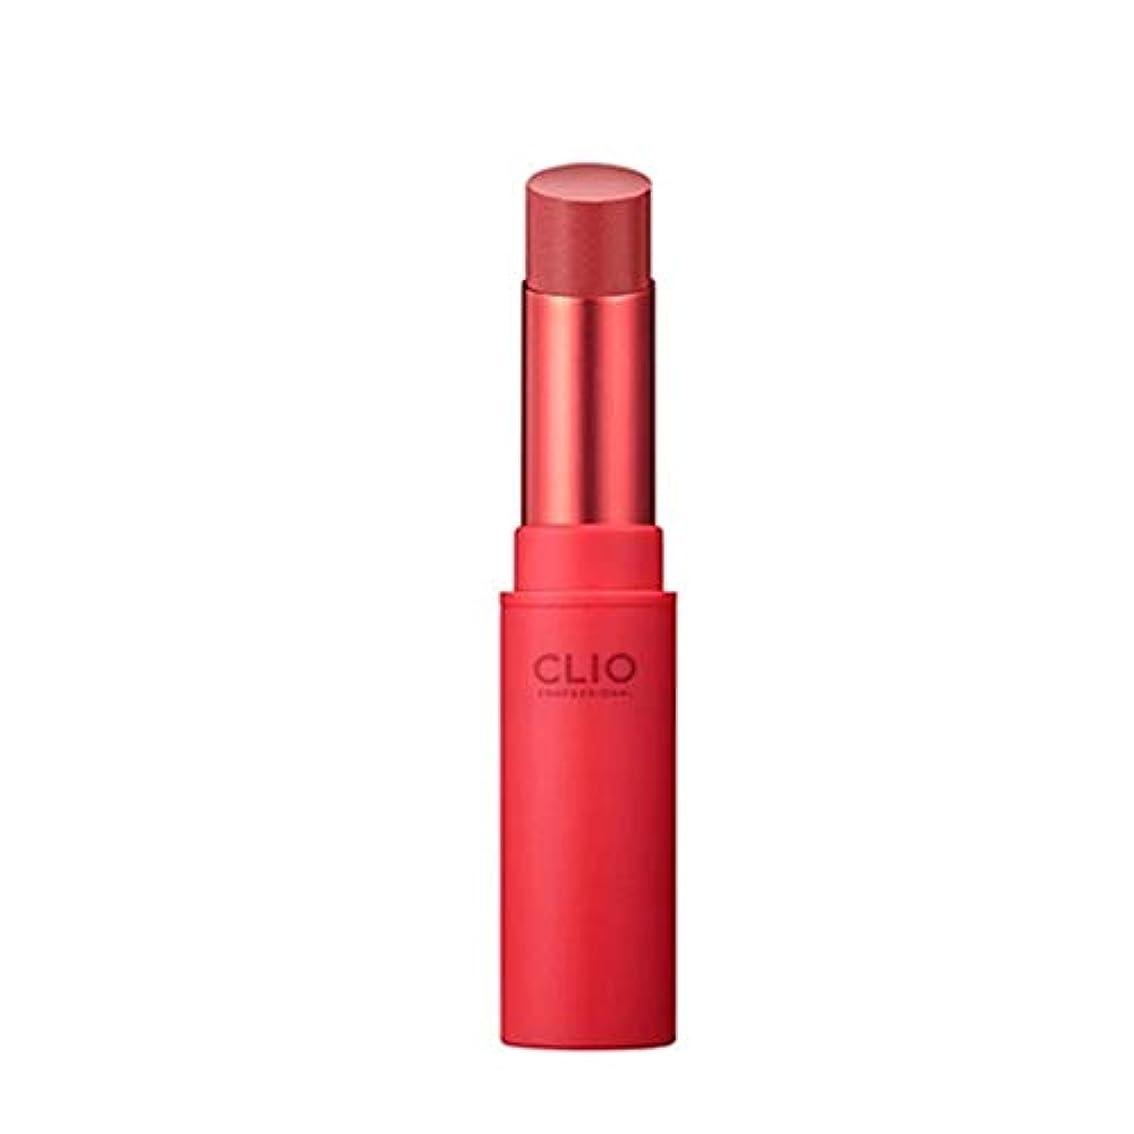 愚かミスプラカードクリオマッドマットリップADリップスティック韓国コスメ、Clio Mad Matte Lips AD Lipstick Korean Cosmetics [並行輸入品] (11. dolce rose)